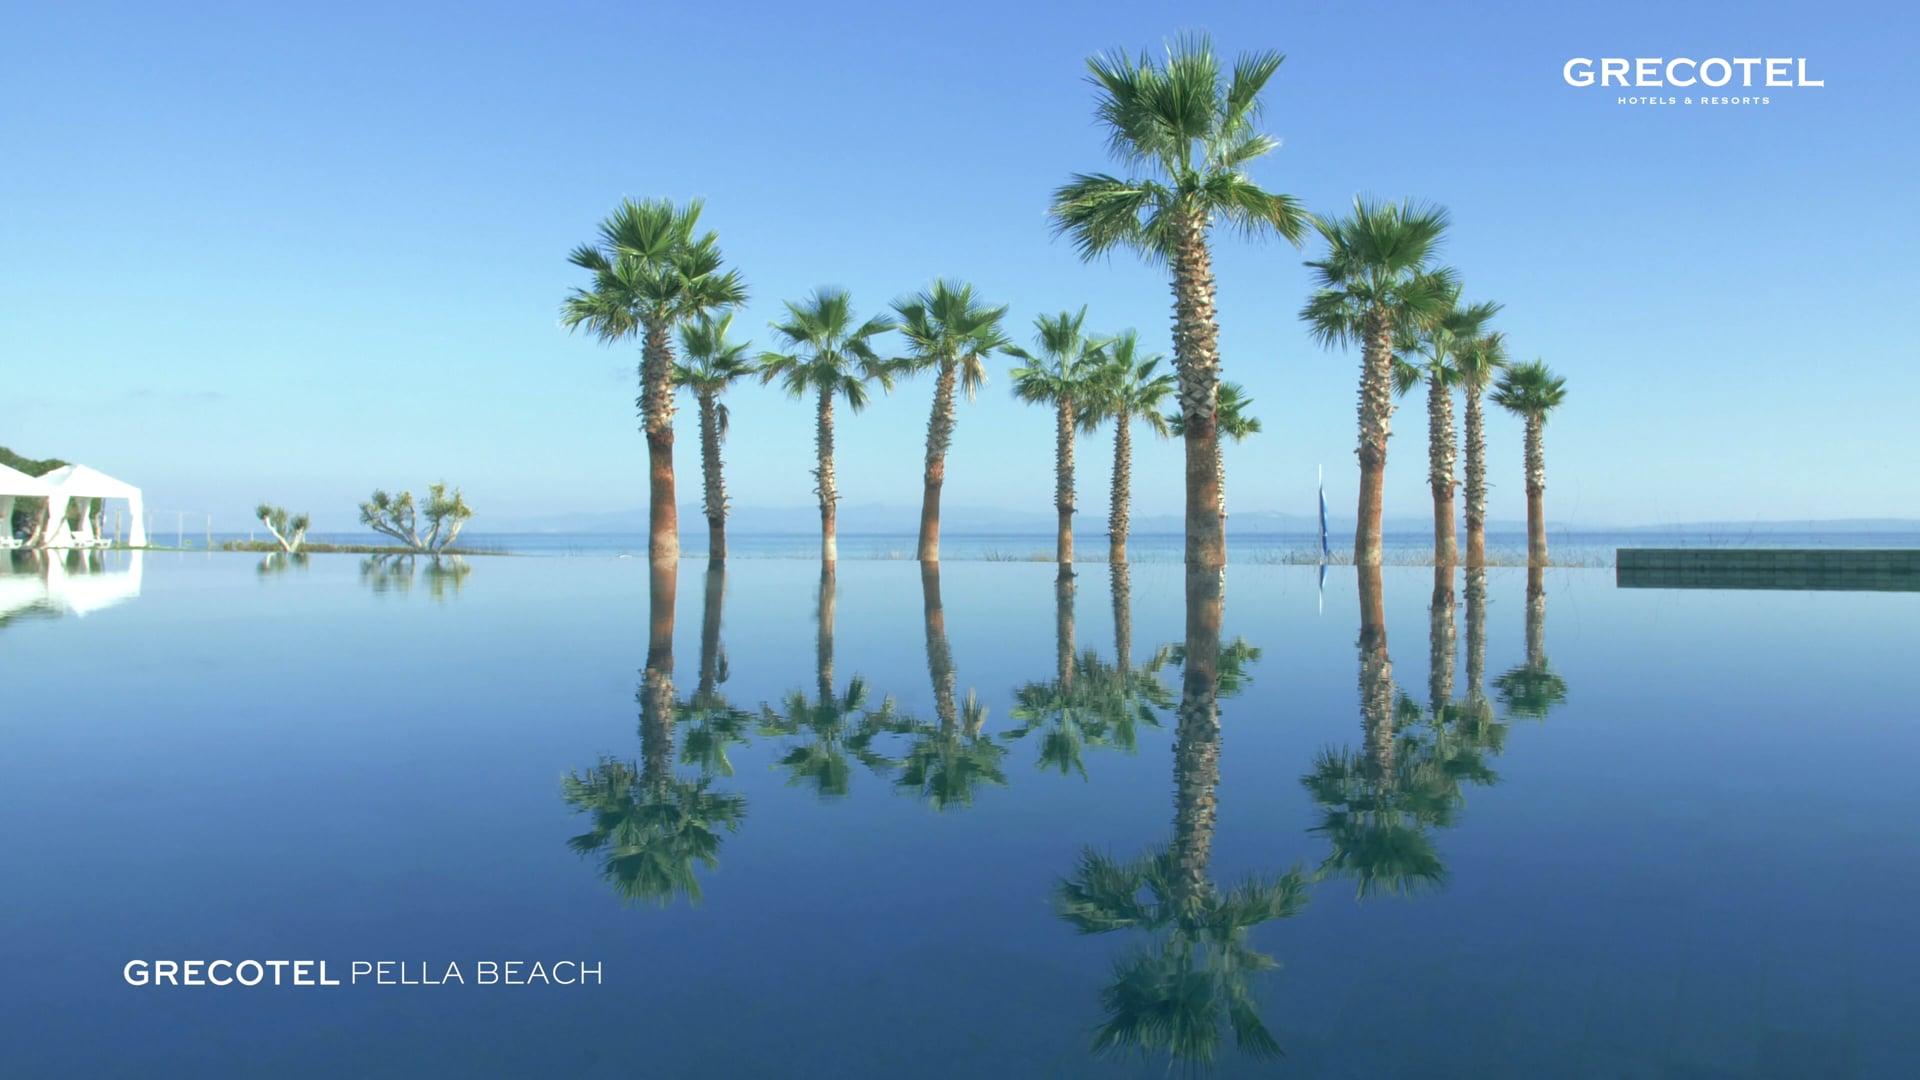 Pella  Beach Grecotel